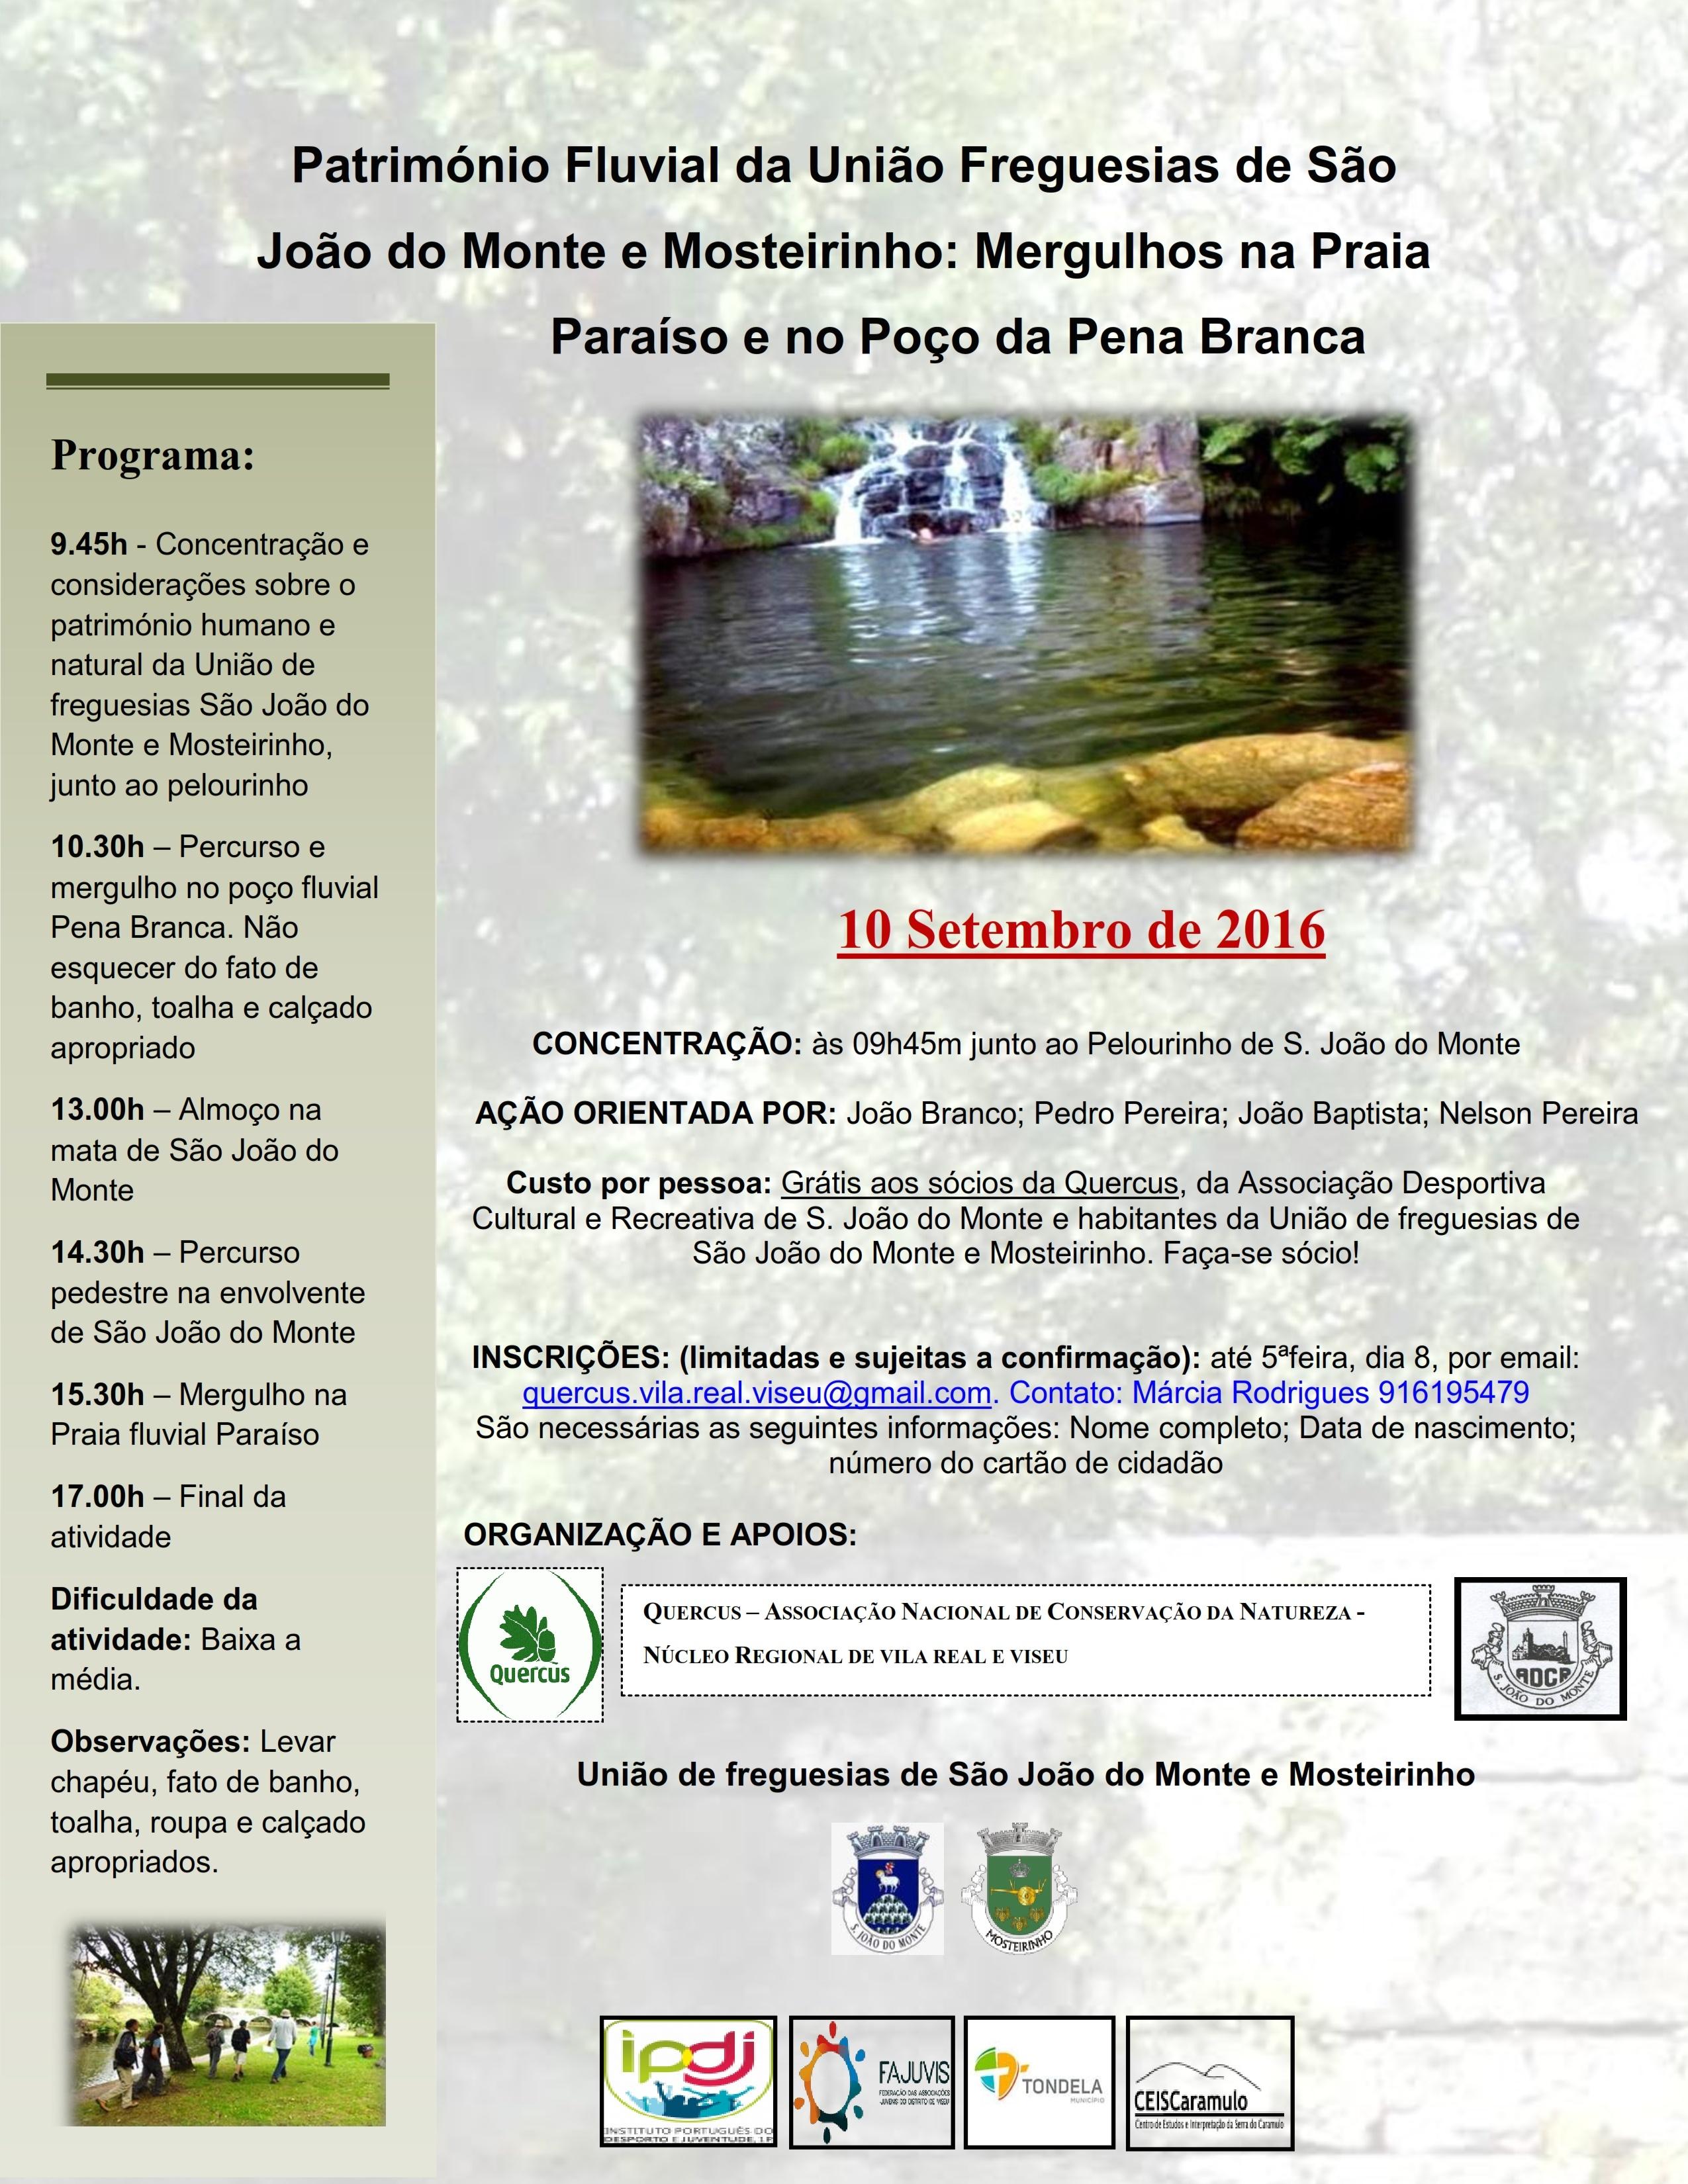 Património Fluvial de S. João do Monte e Mosteirinho